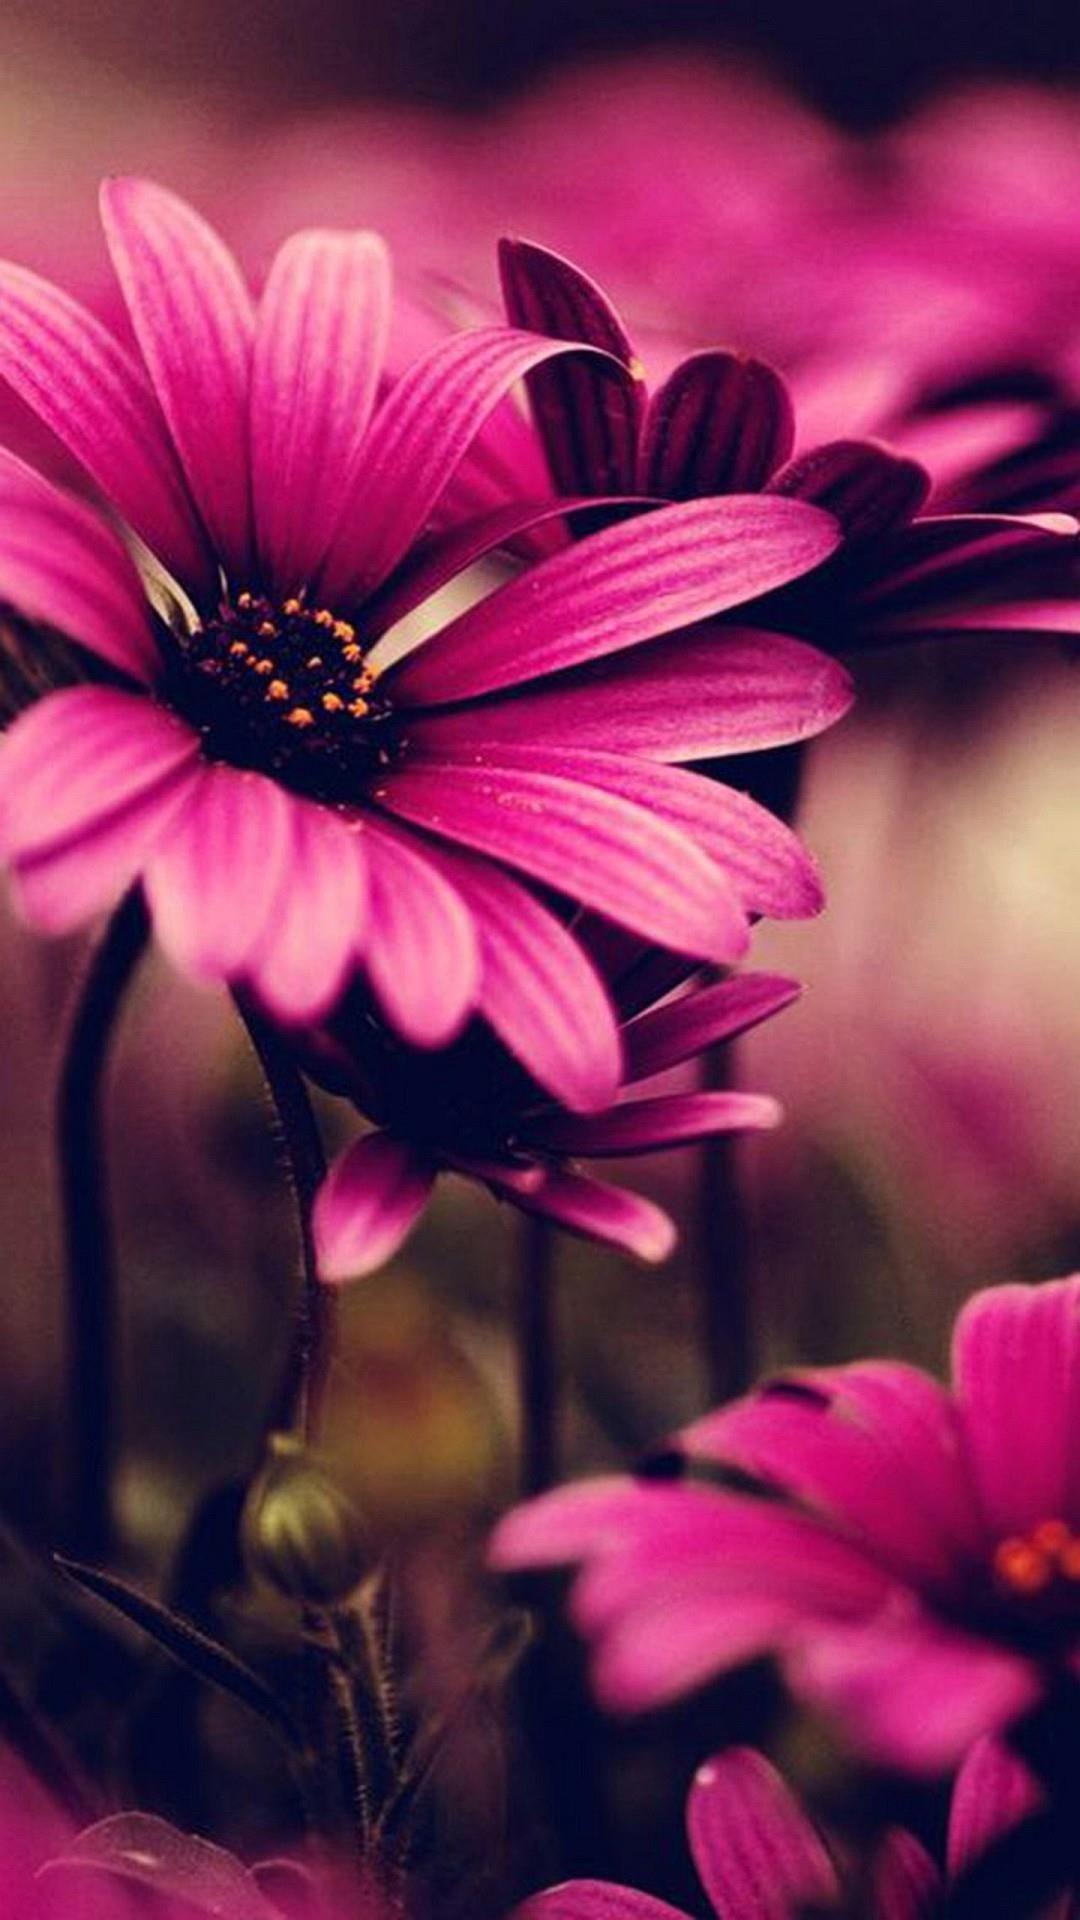 Fleurs, Plantes, Fond Ecran, Paysage, Iphone 6 Wallpaper, Milieux De Papier  Peint, Fonds D\u0027écran De Téléphone, Milieux Iphone, Marguerite Rose